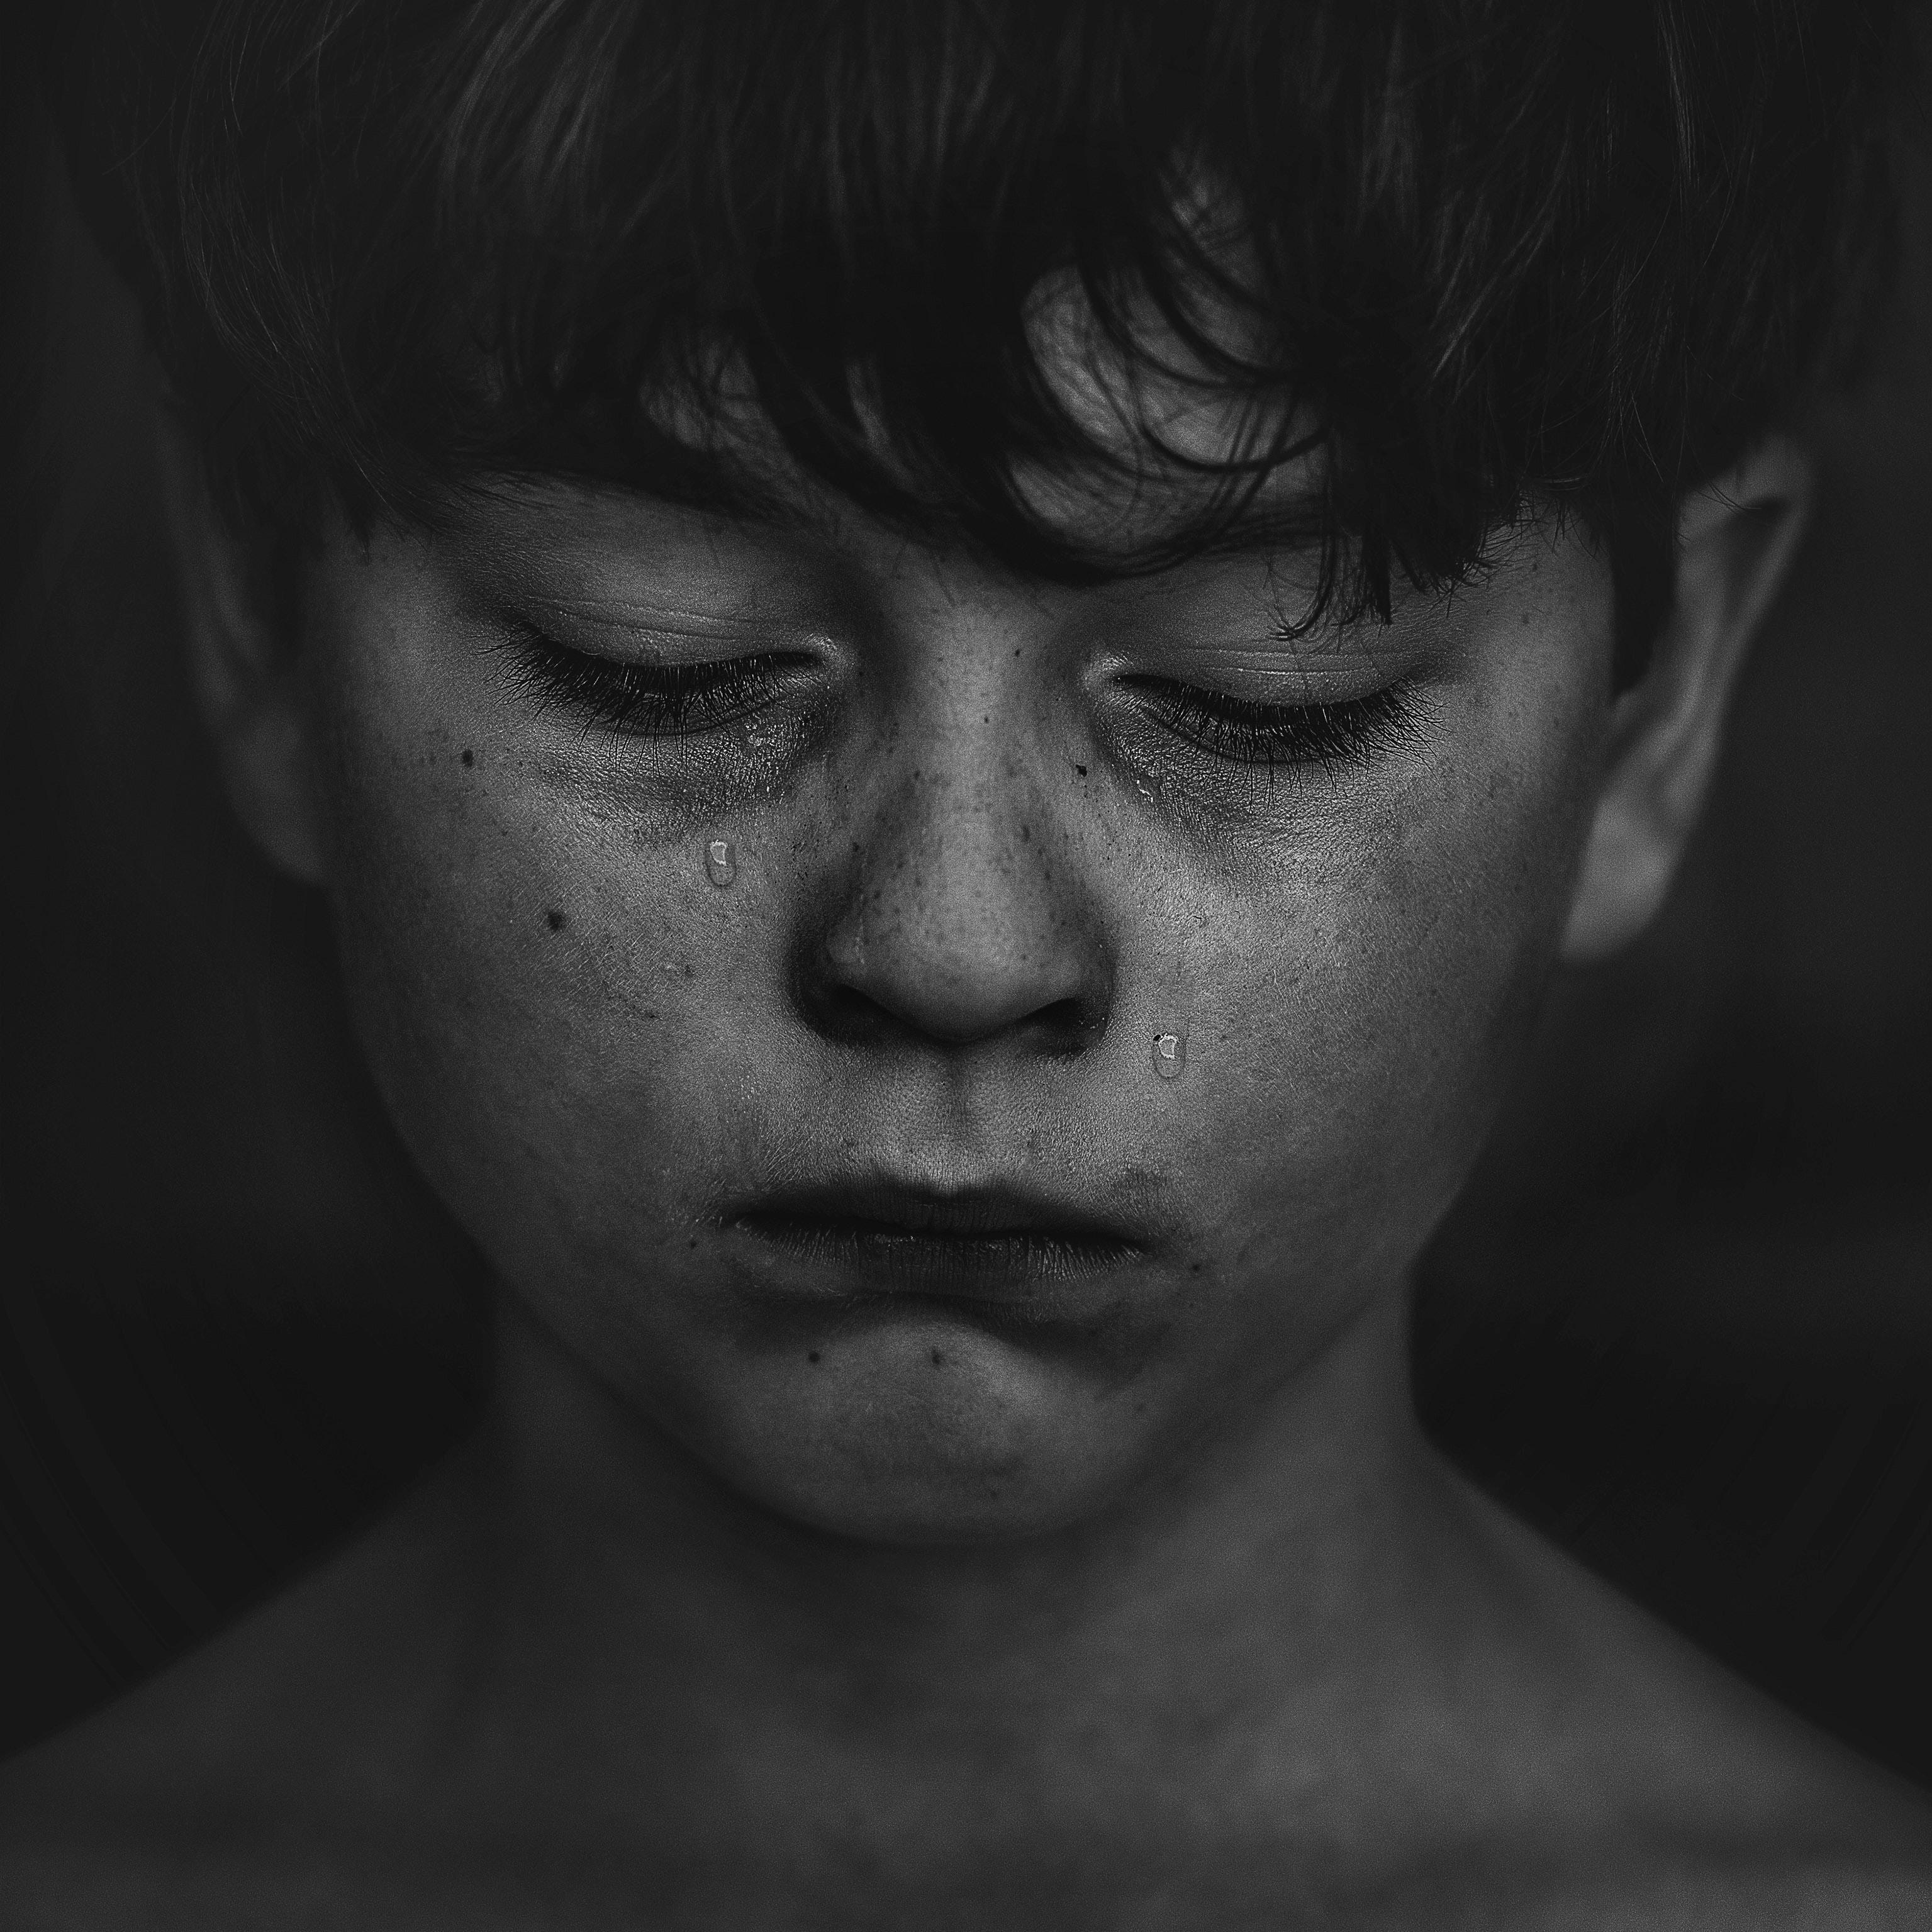 A importância de falar sobre a morte com as crianças